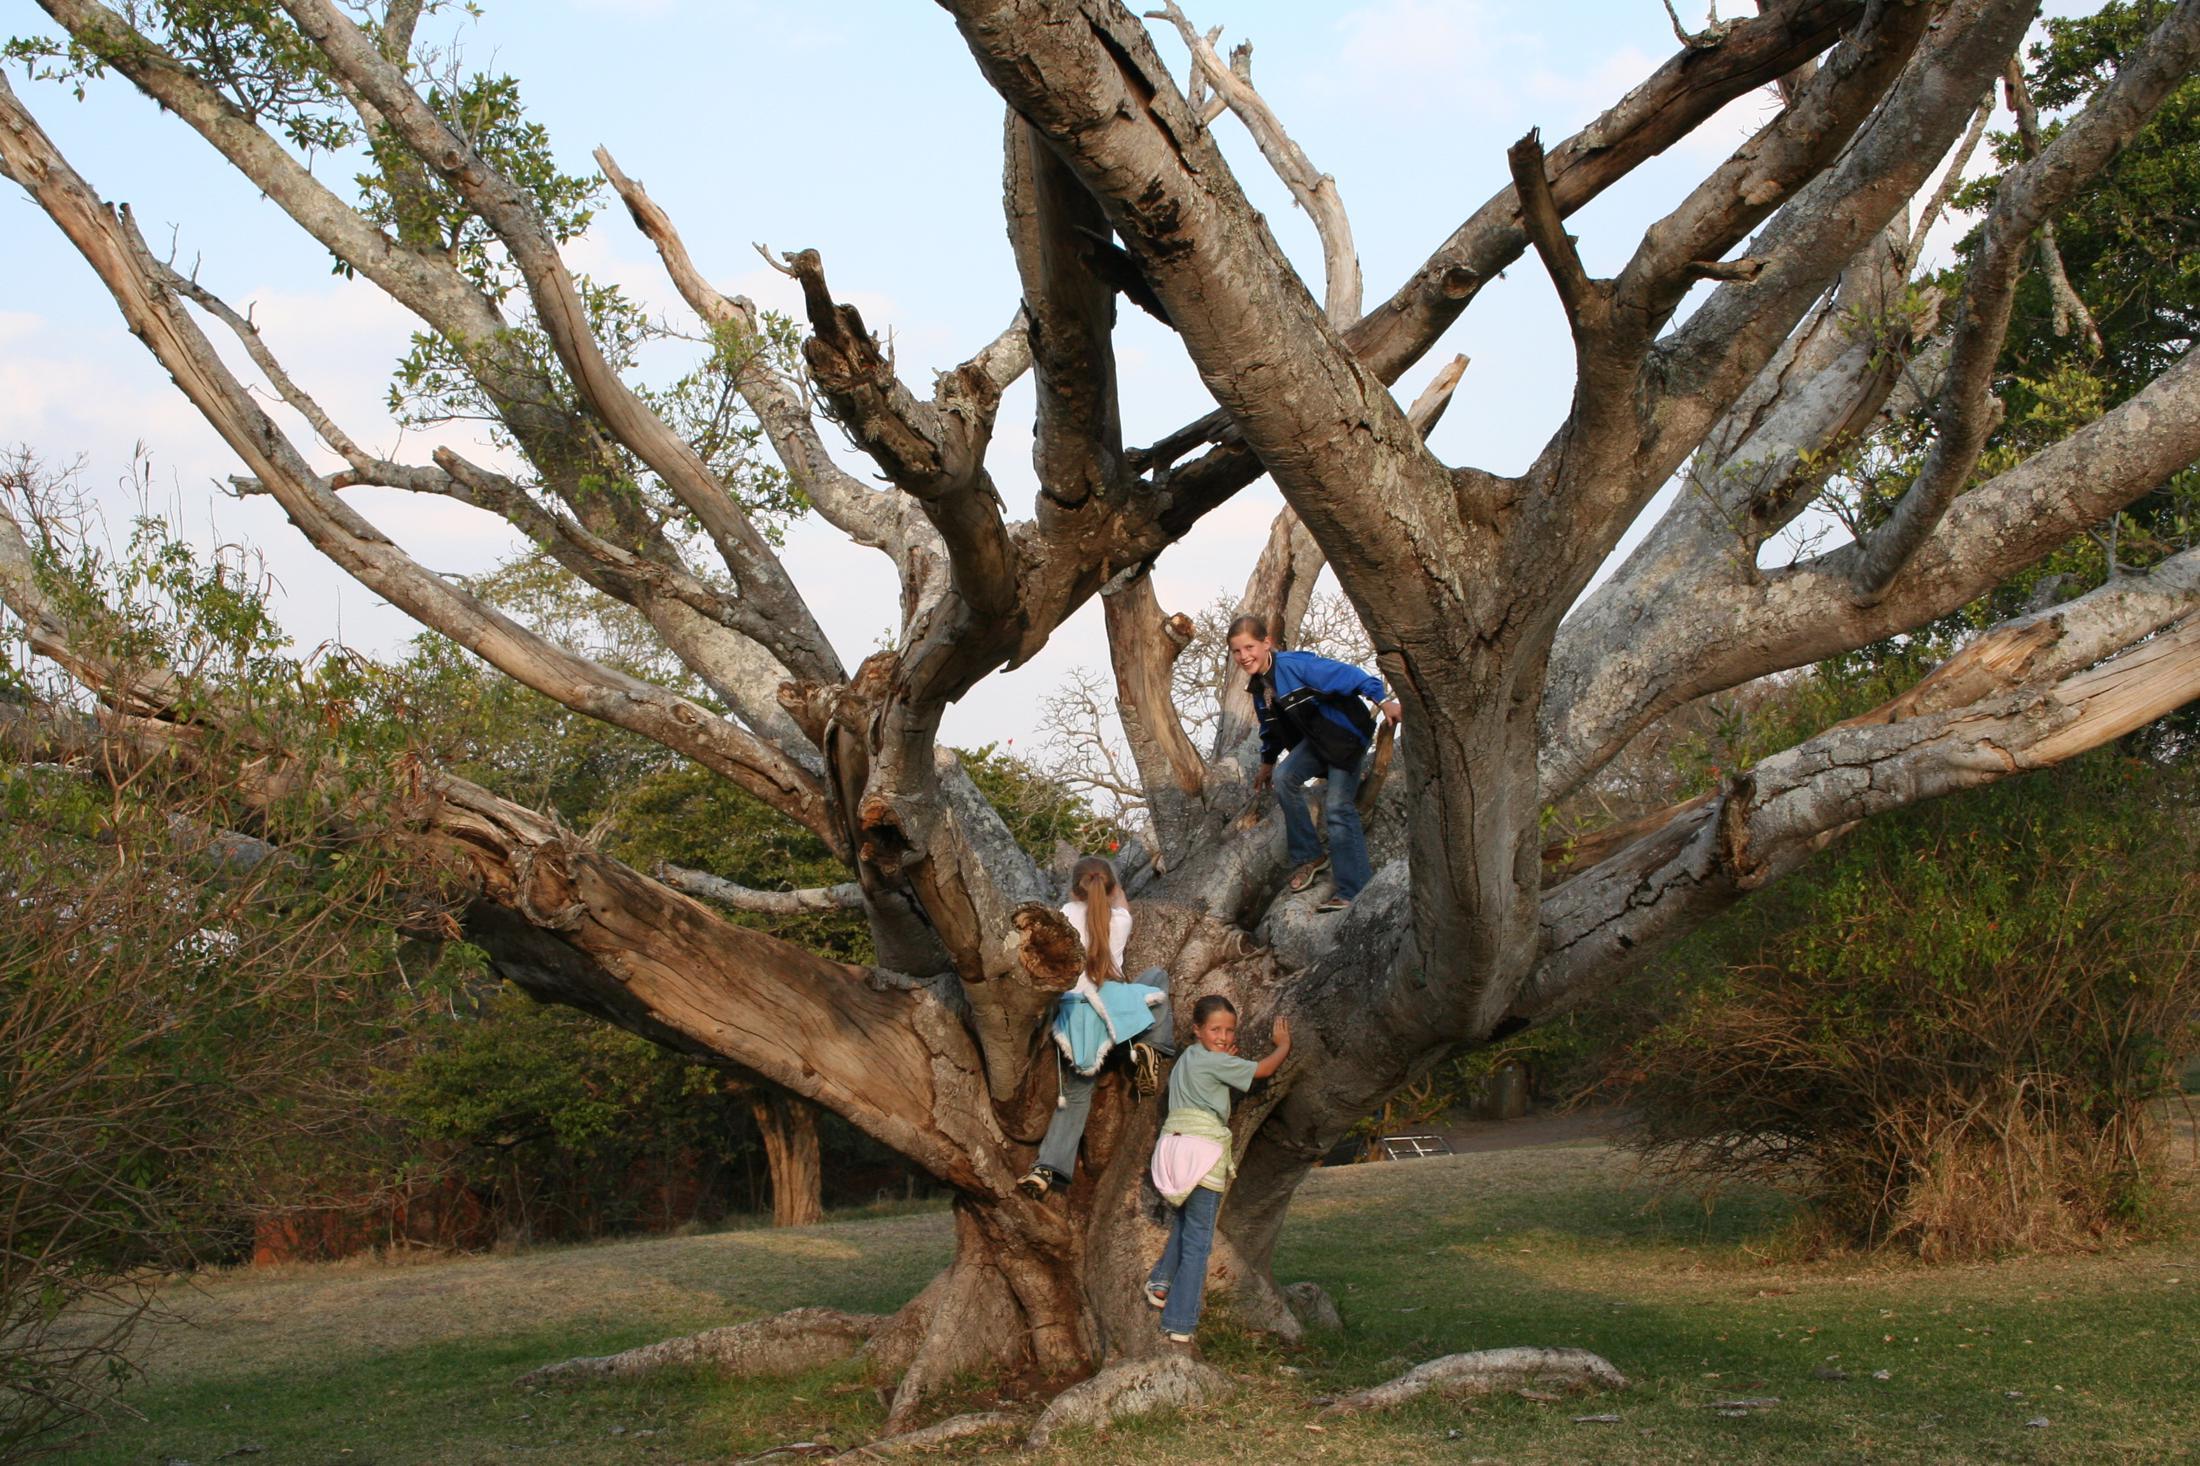 Familiereizen Zuid-Afrika: Locaties waar kinderen kunnen spelen zijn belangrijk.